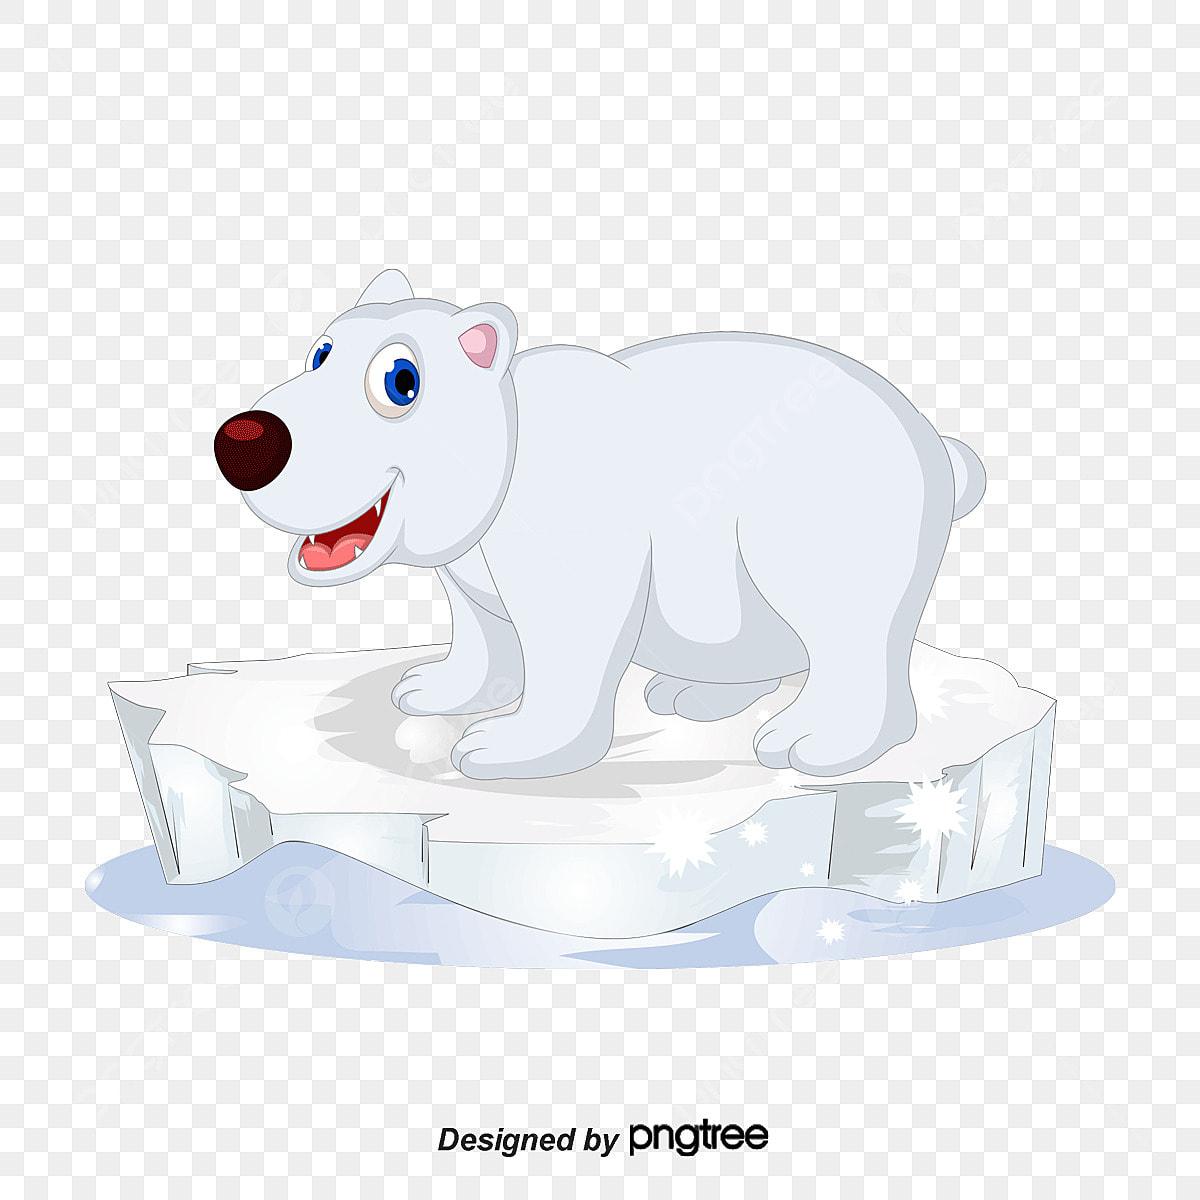 من ناحية رسم الدب القطبي الدب القطبي الدب القطب الشمالي Png وملف Psd للتحميل مجانا